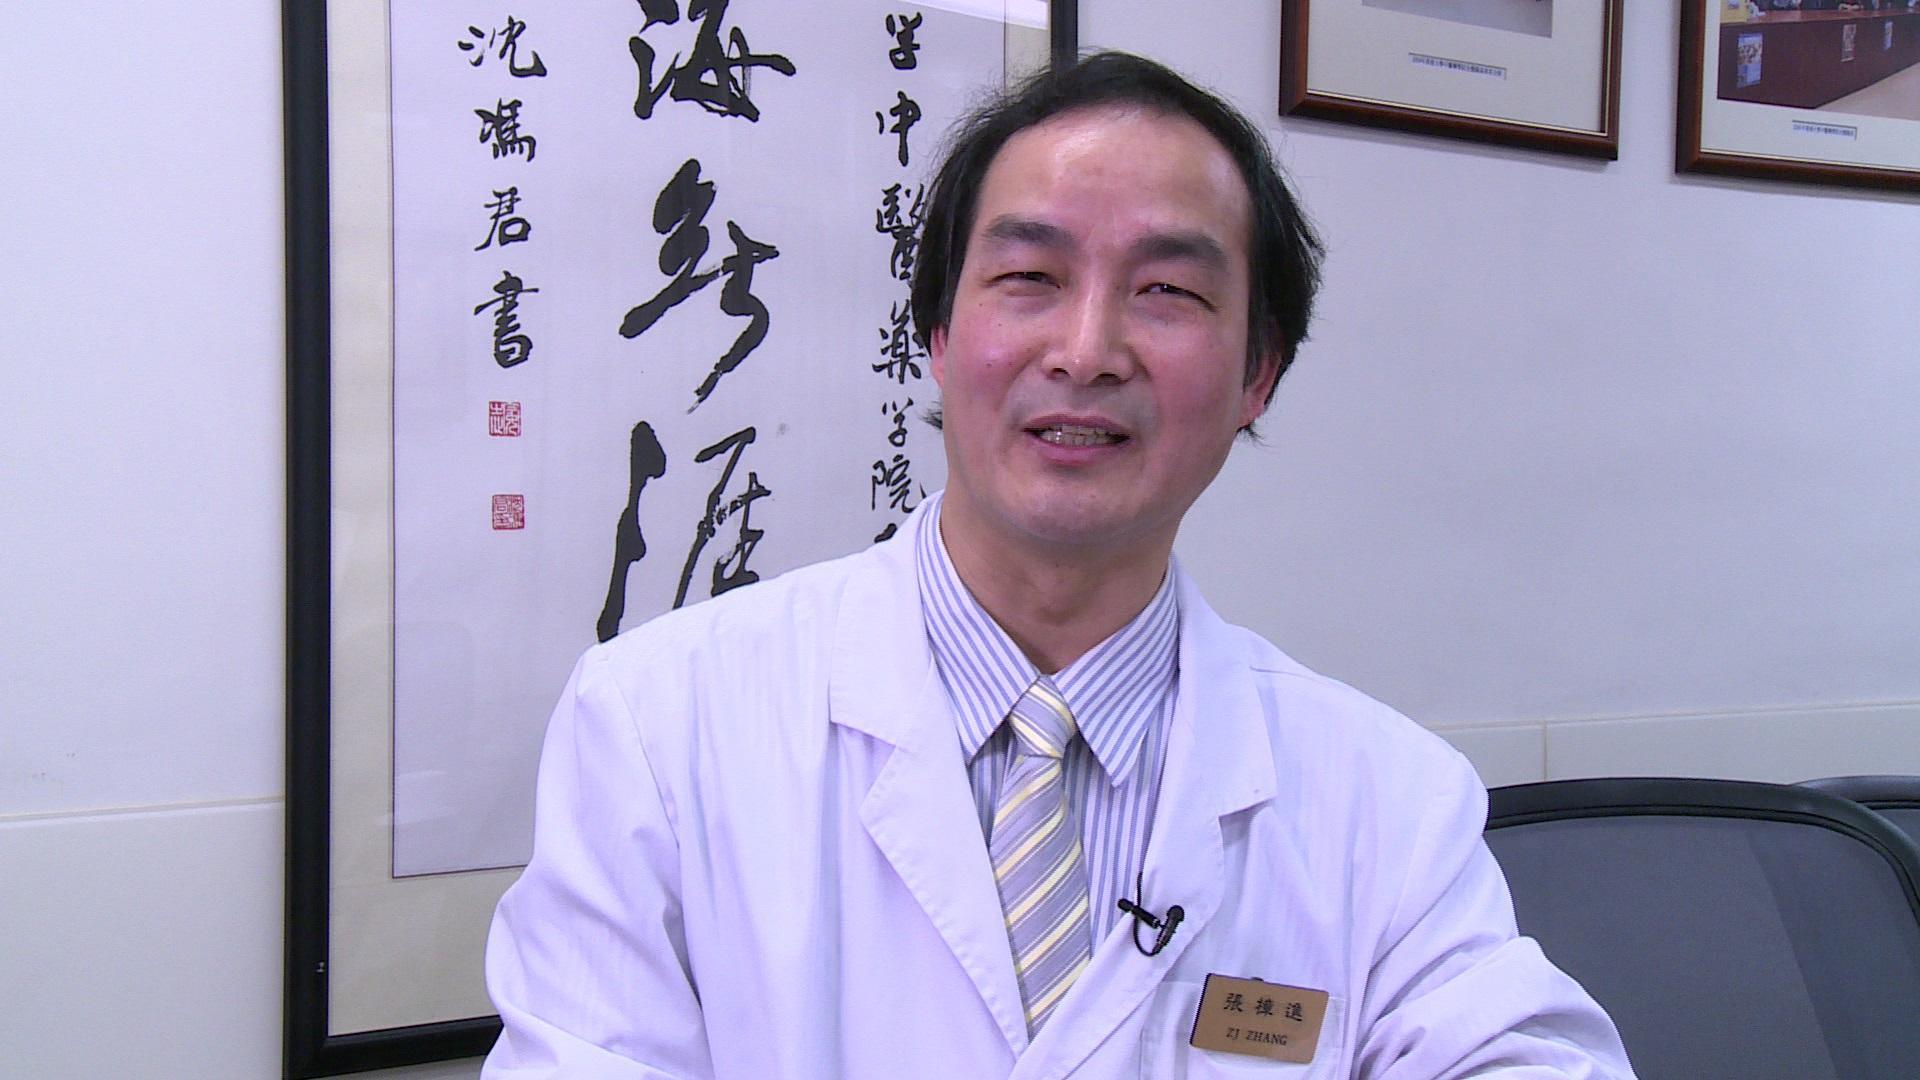 香港大学中医药学院终身教授张樟进